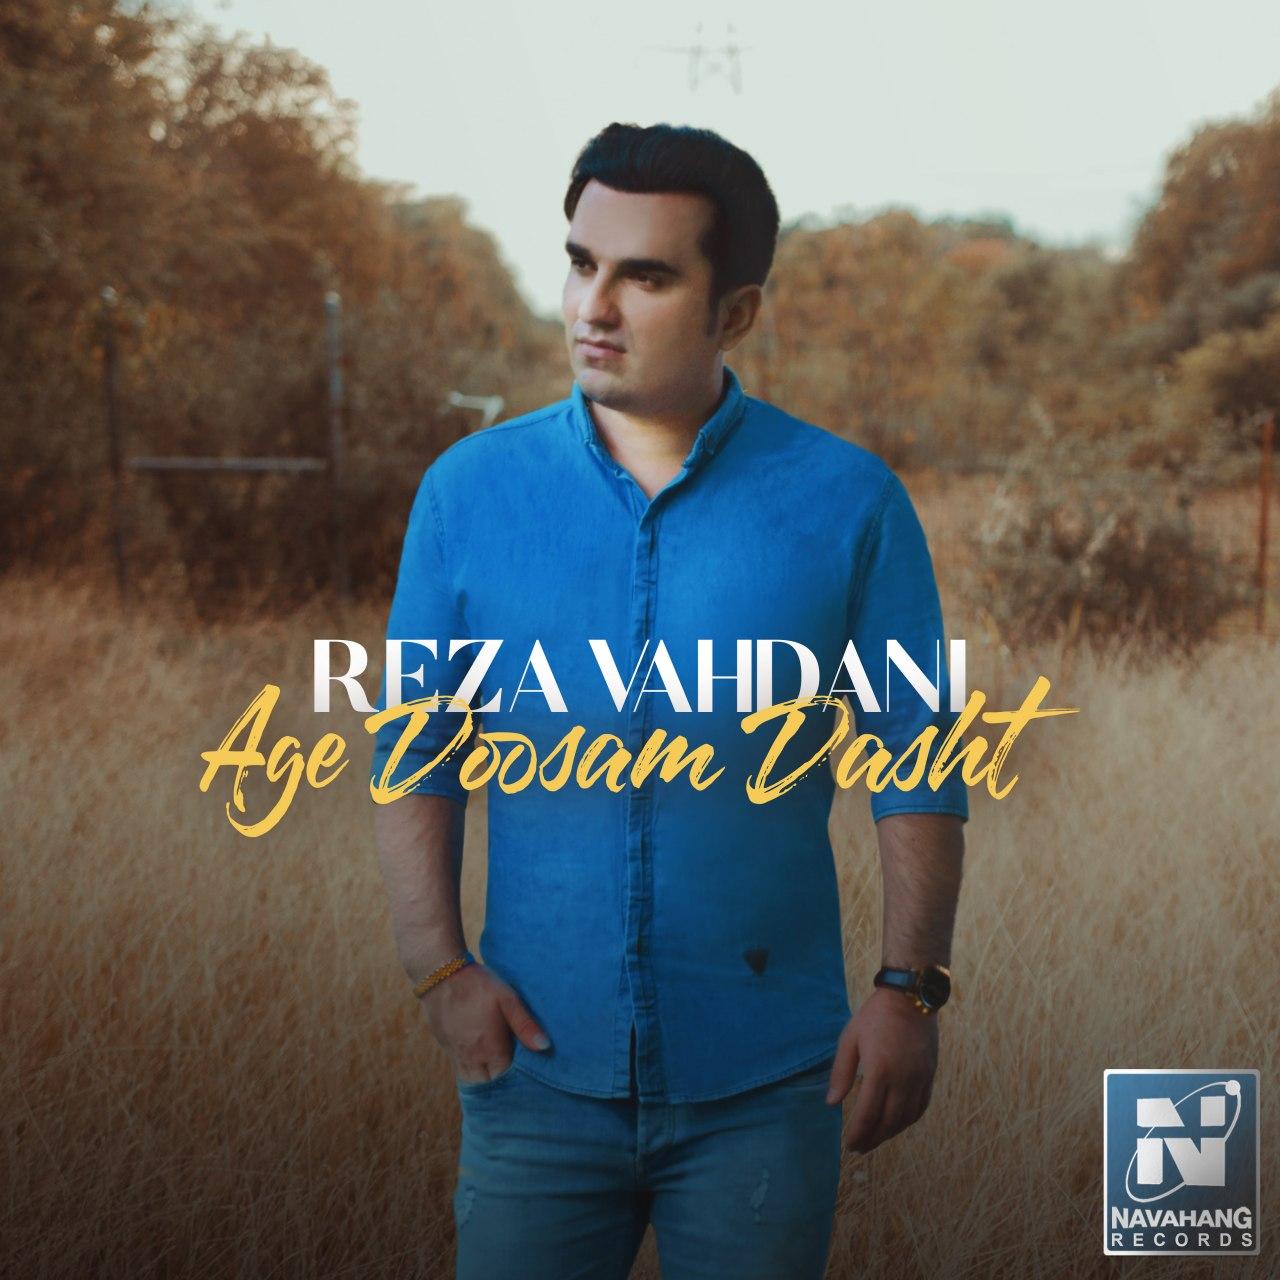 Reza Vahdani – Age Doosam Dasht